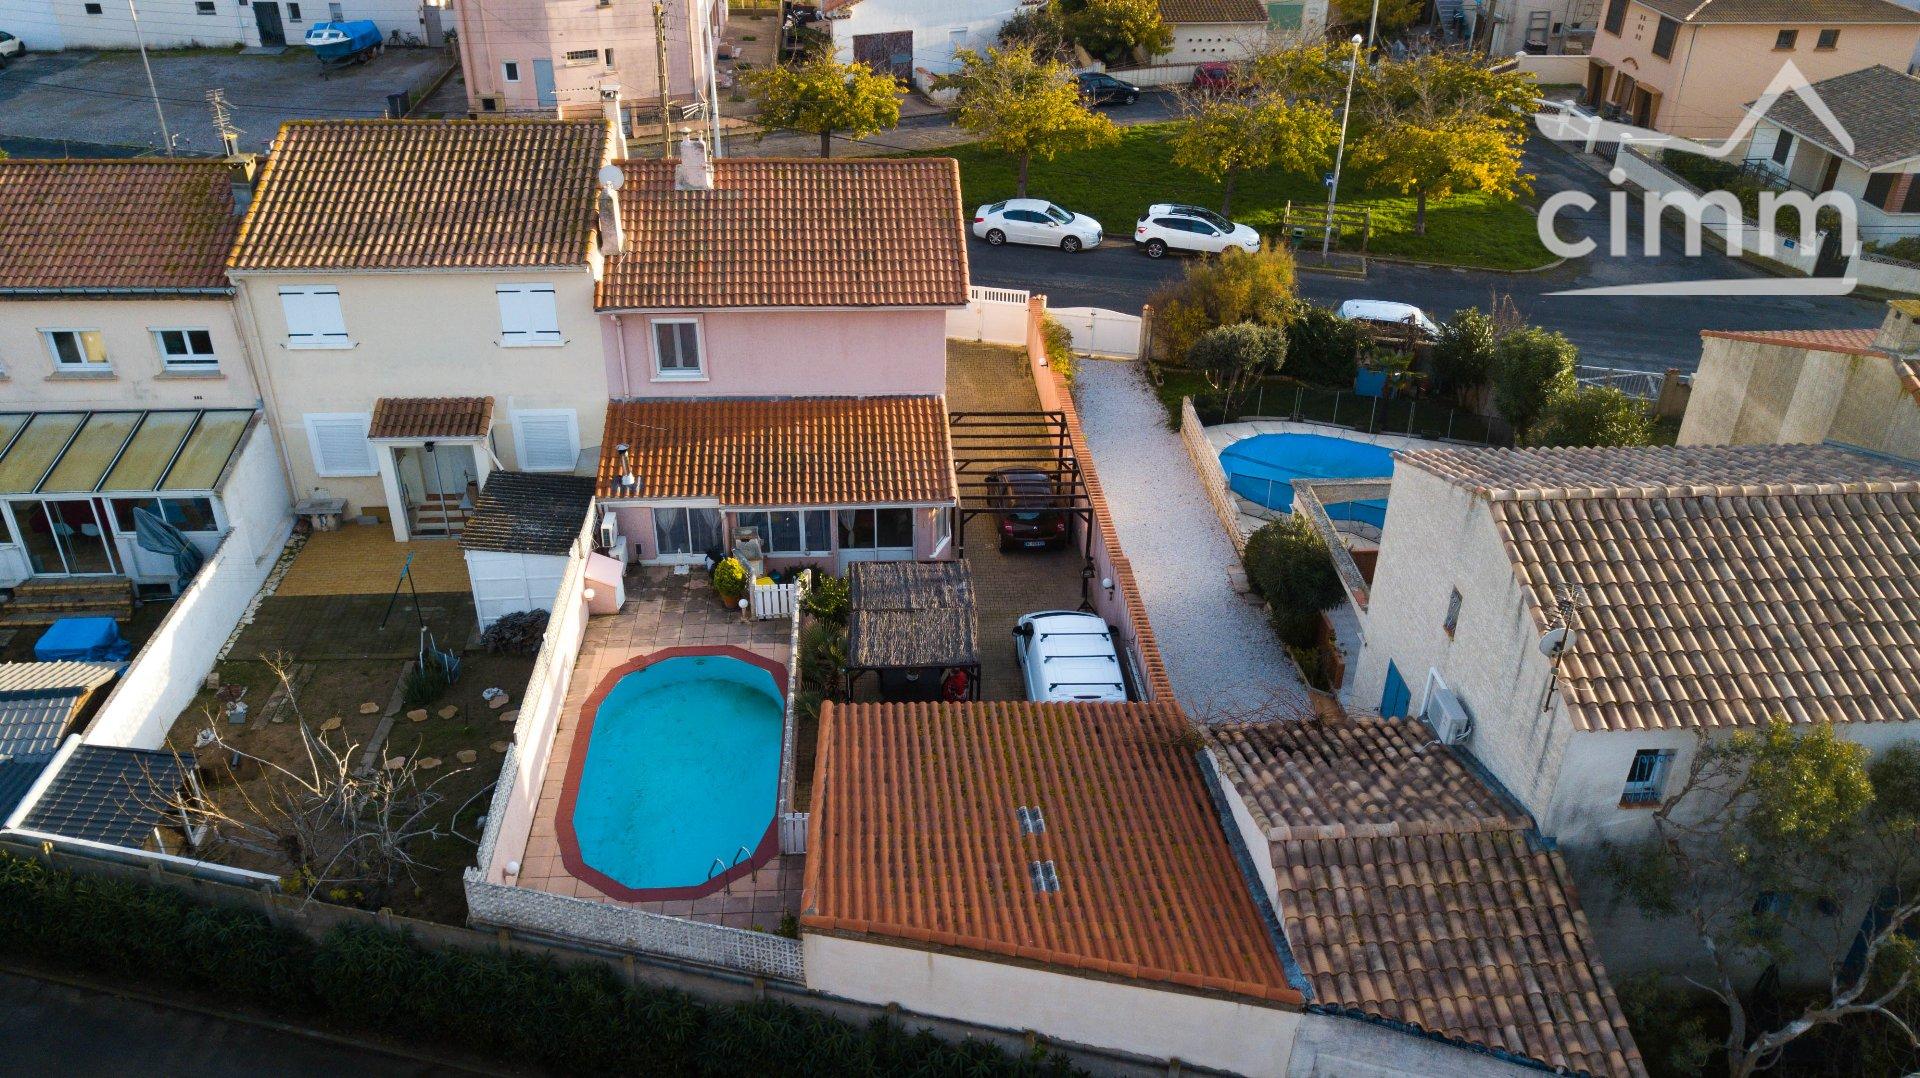 IMMOPLAGE VALRAS-PLAGE, agence immobilière, vente, location et location vacances appartement et maison entre Agde/Sete et Narbonne, proche Béziers - Maison - PORTIRAGNES PLAGE - Vente - 95m²